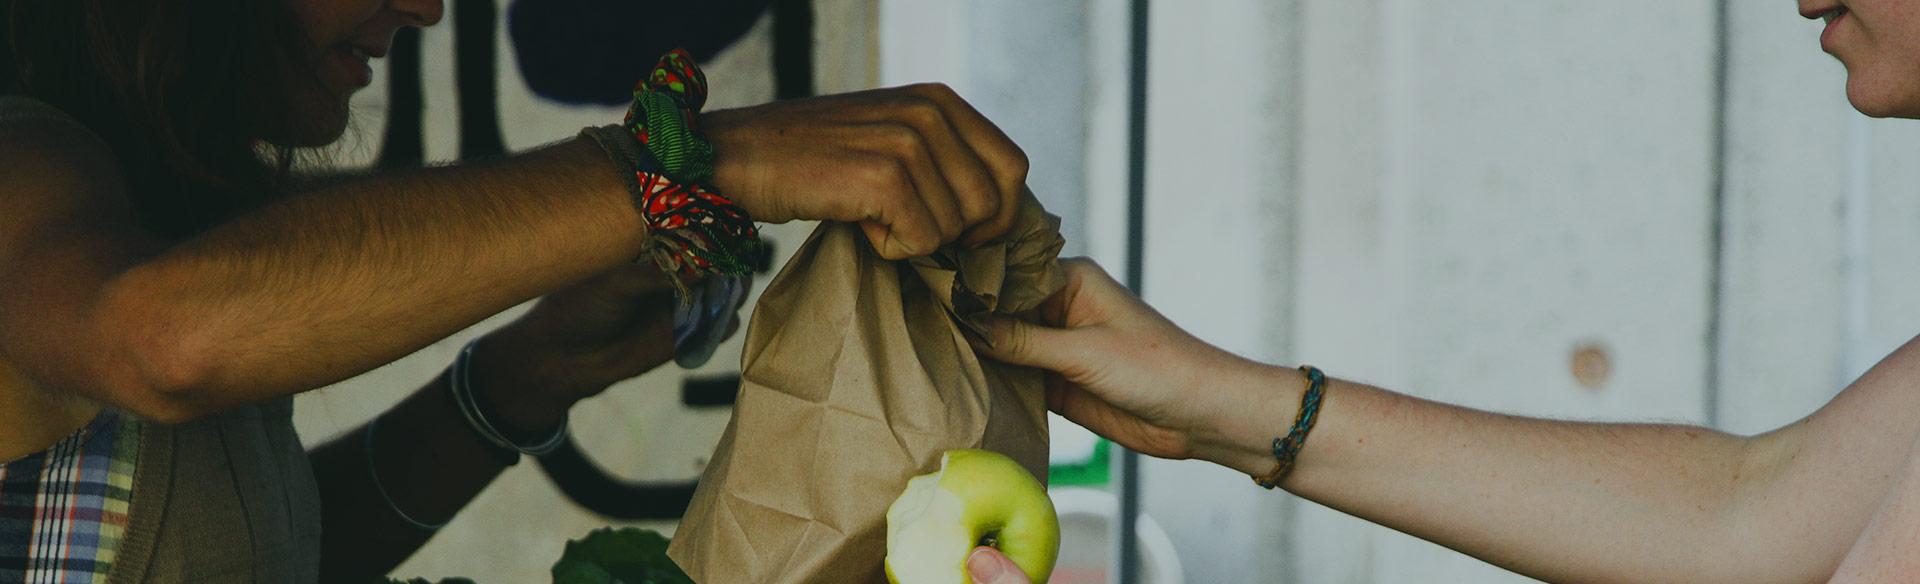 Tout le monde mange : Une conversation sur l'alimentation et son importance au Nouveau-Brunswick